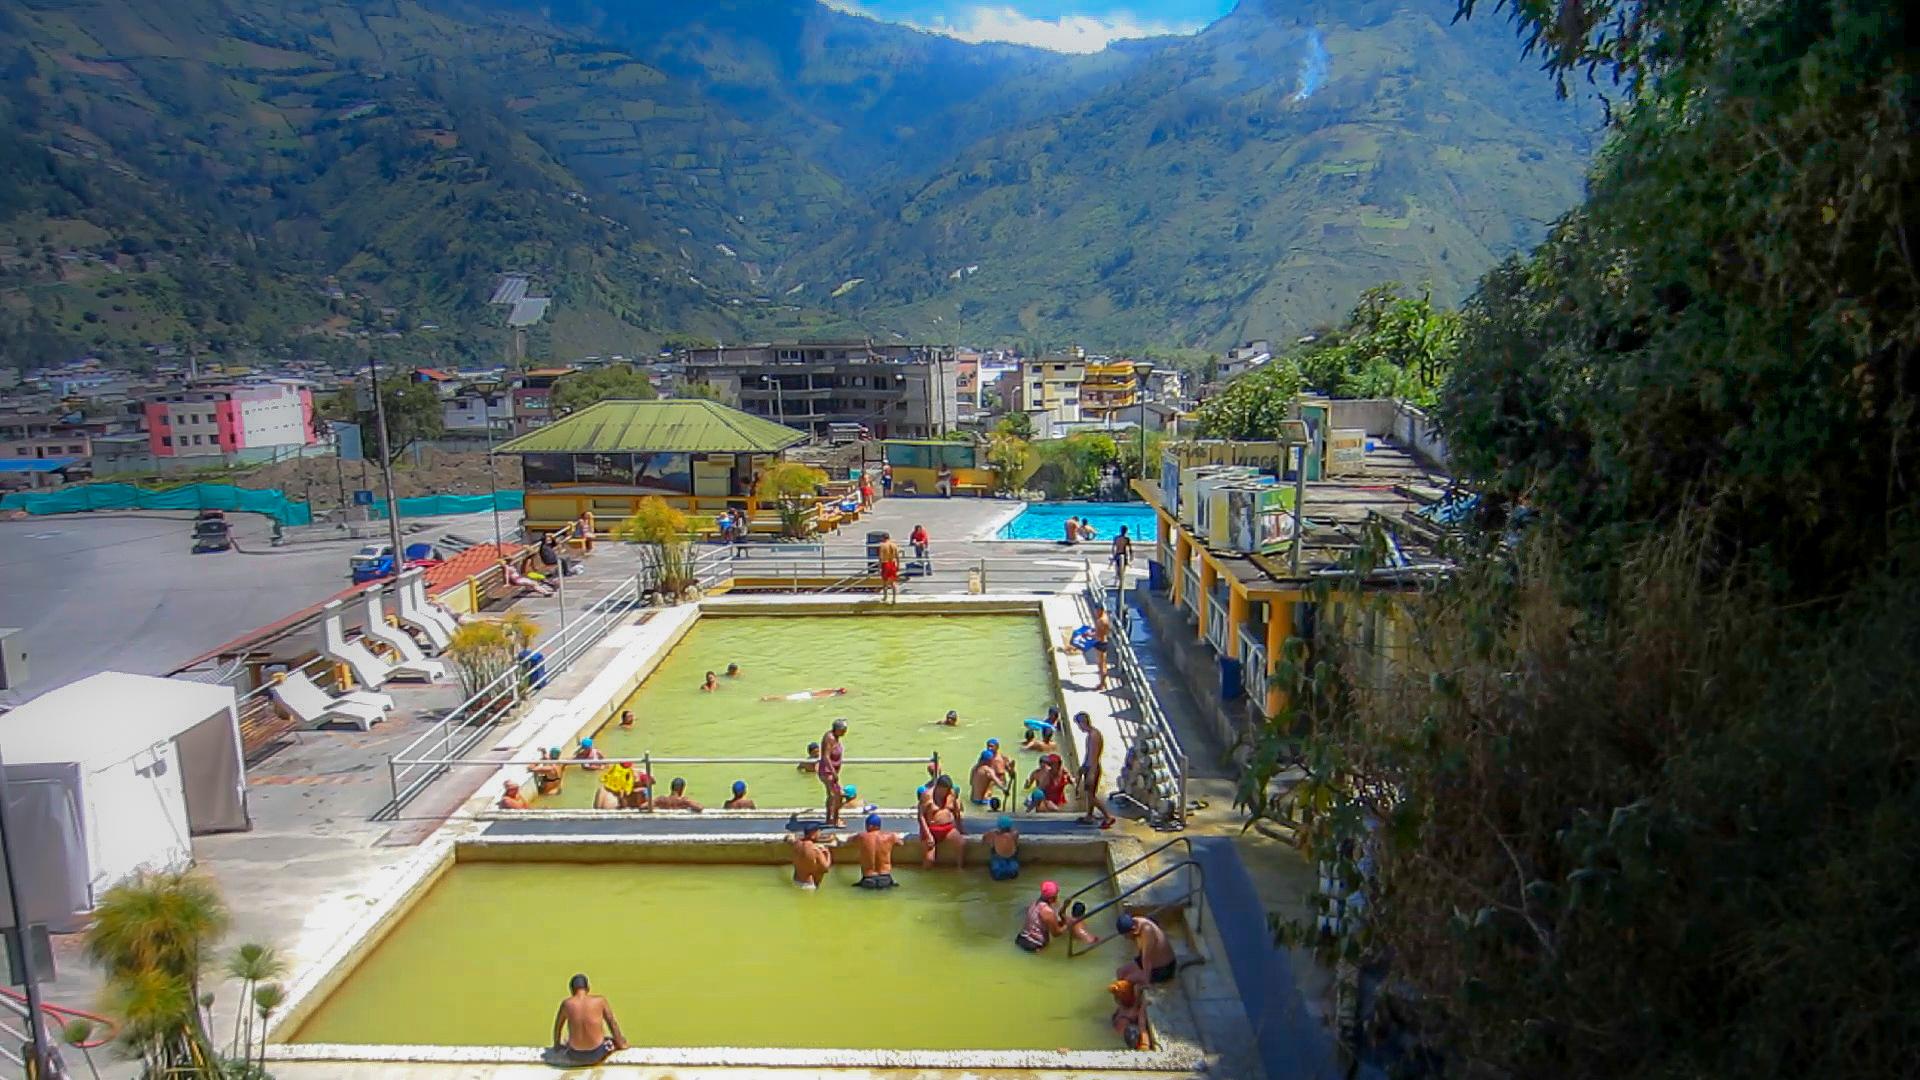 Todo sobre las aguas termales ba os ecuador - Balneario de segura de banos ...